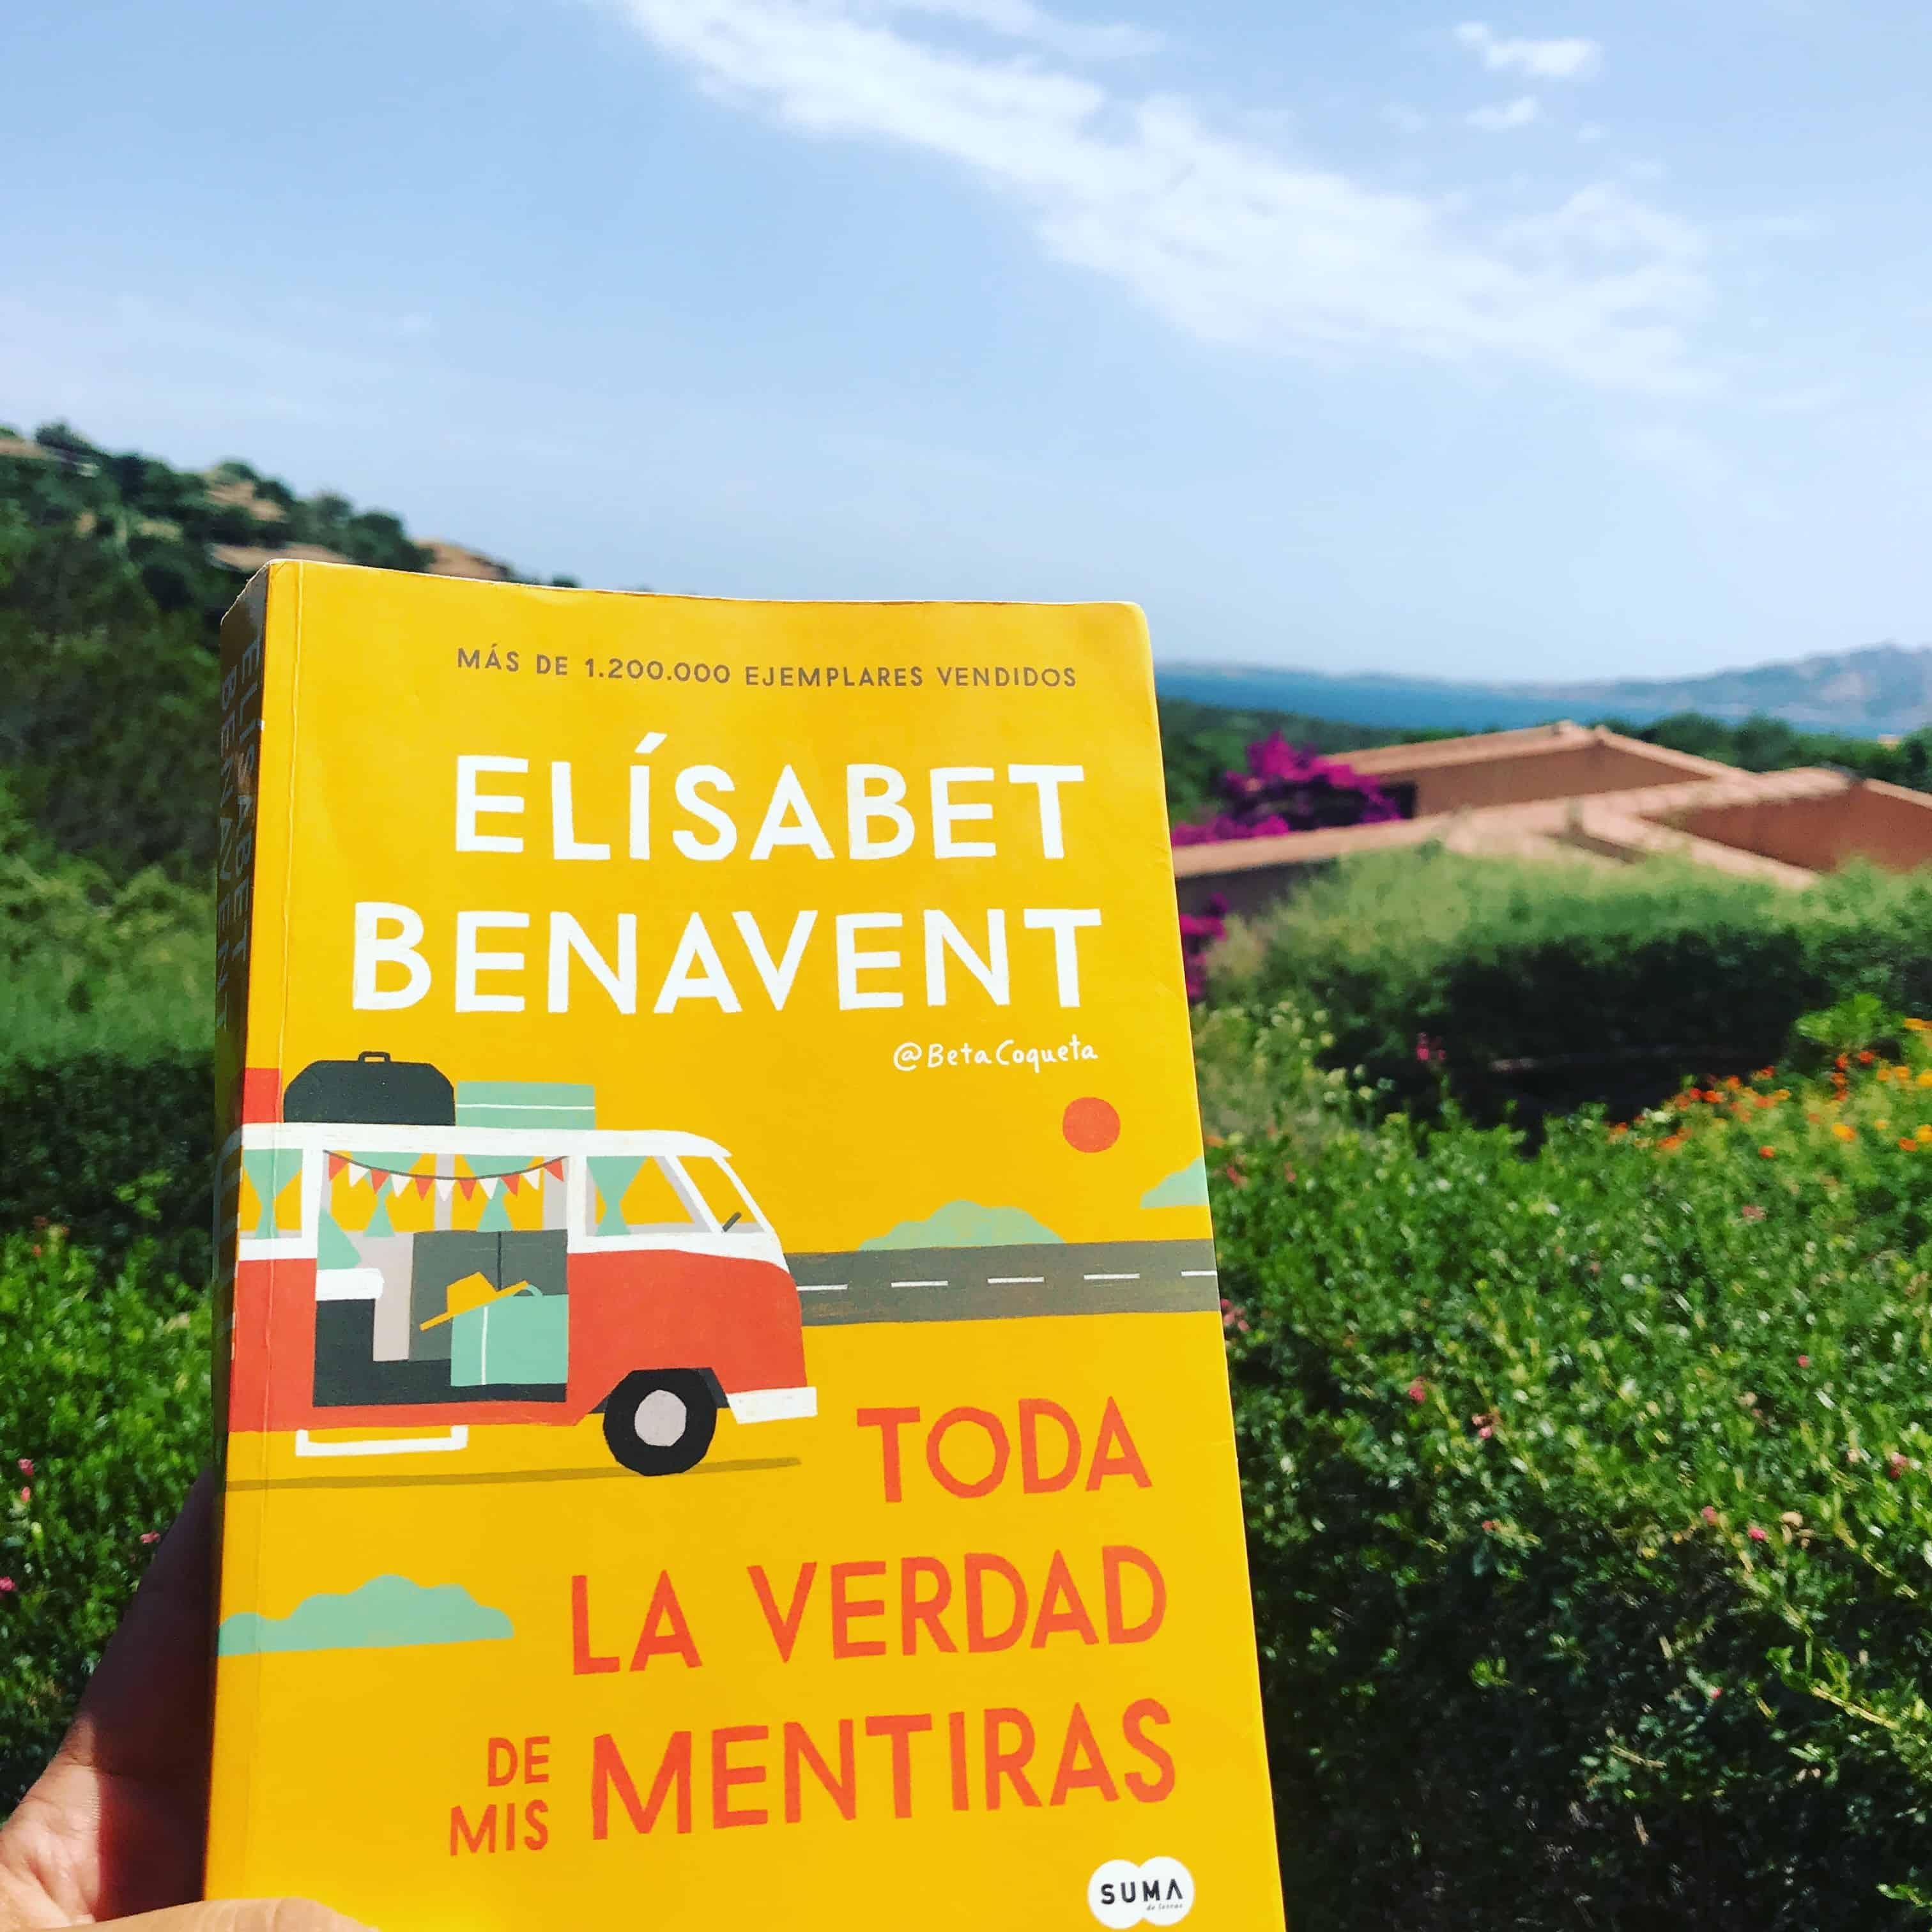 Toda la verdad de mis mentiras- Elísabet Benavent.